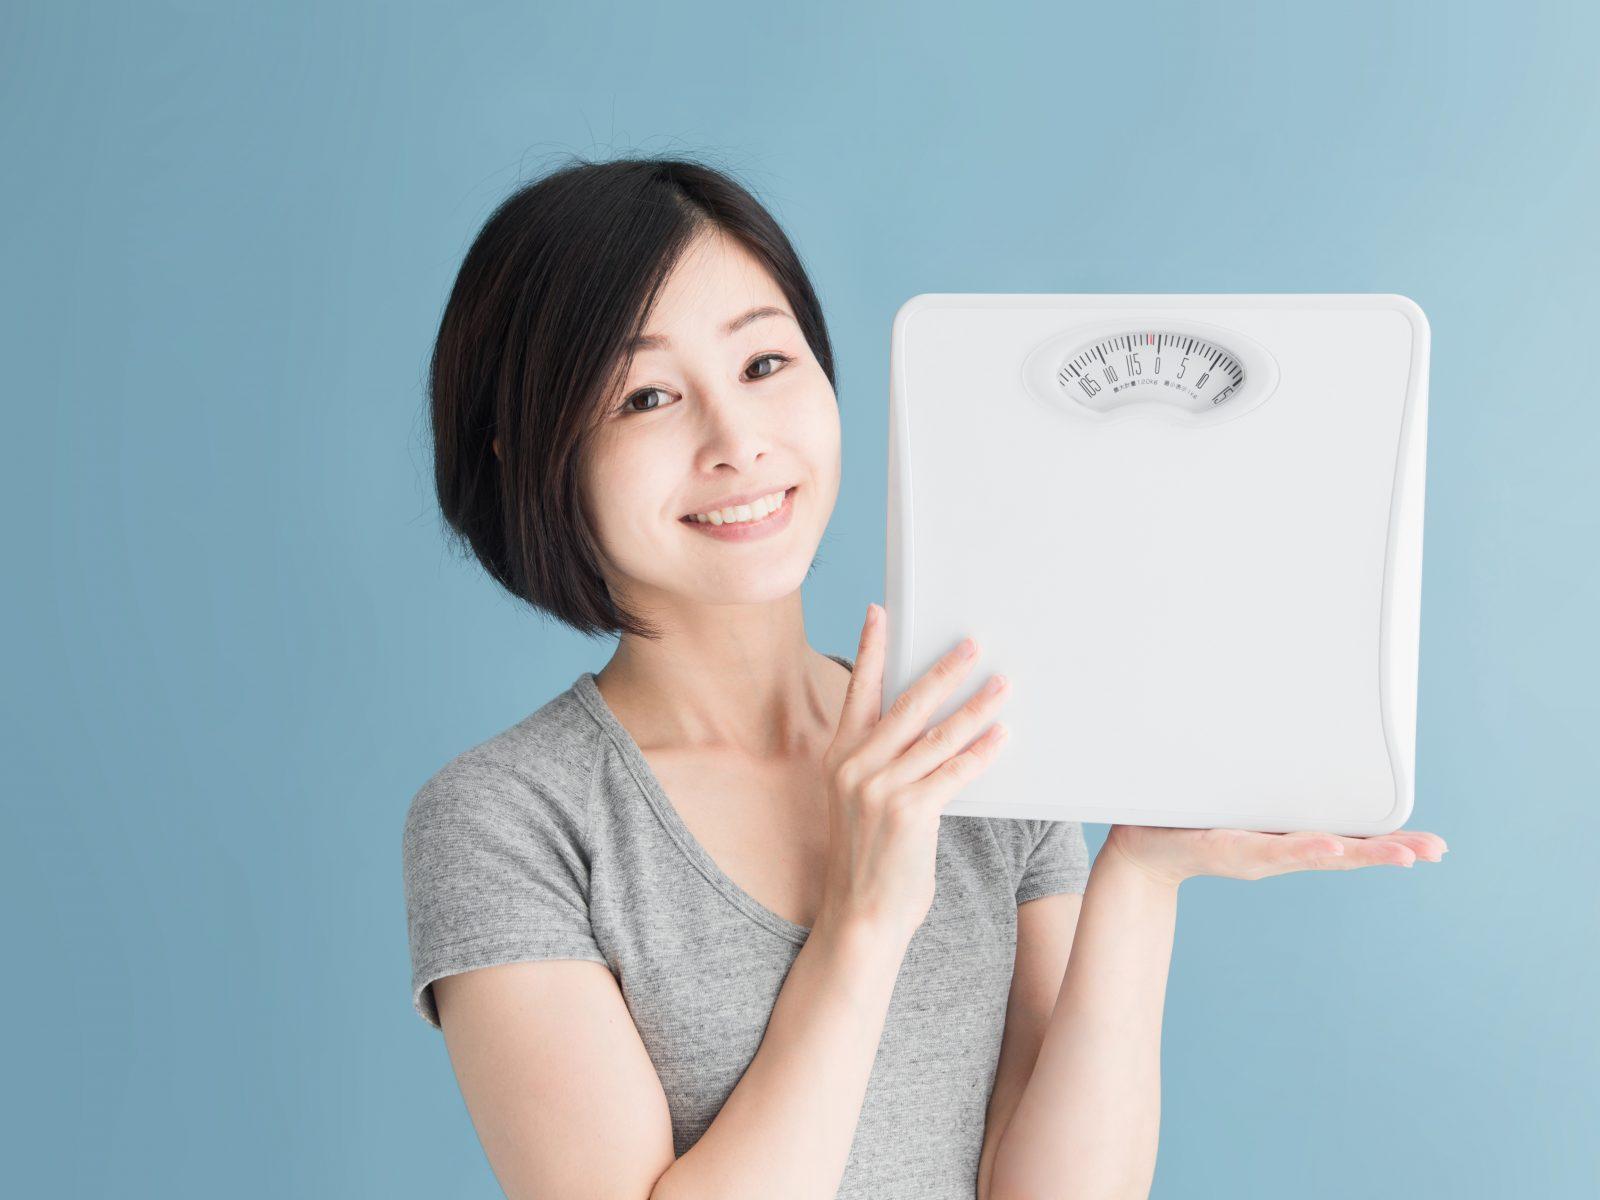 センチ 平均 体重 145 145cm女性の理想体重は?平均・美容体重を知って綺麗に痩せる方法!